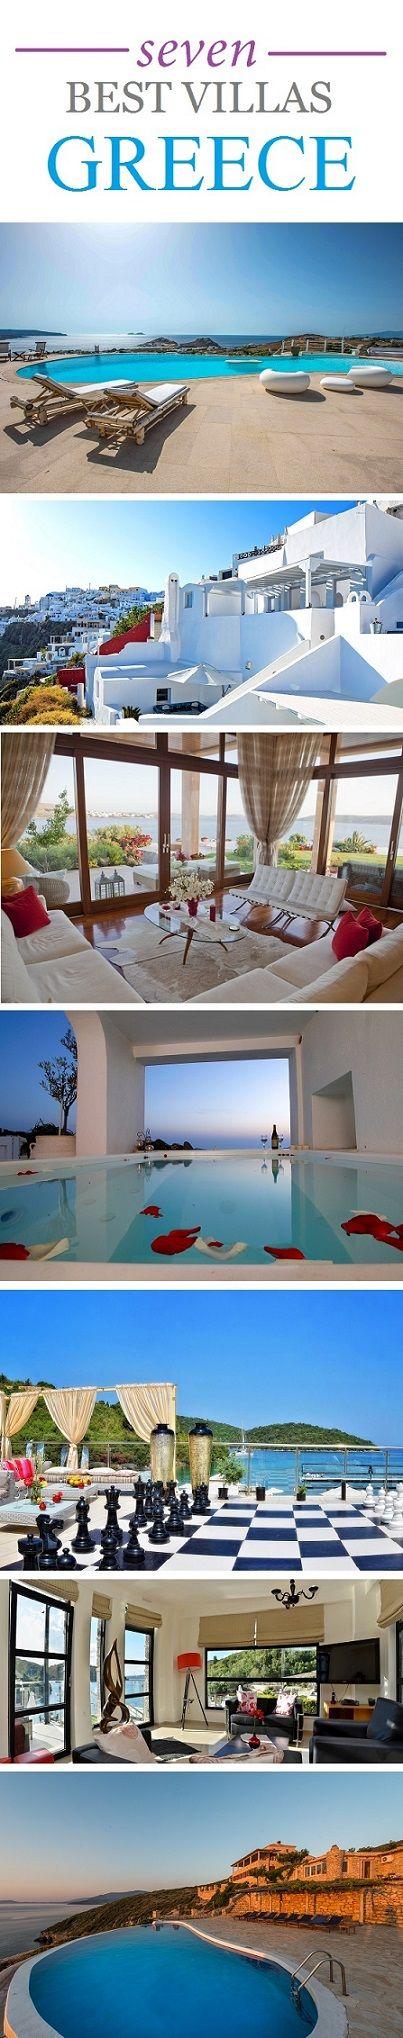 Seven Best Villas in Greece